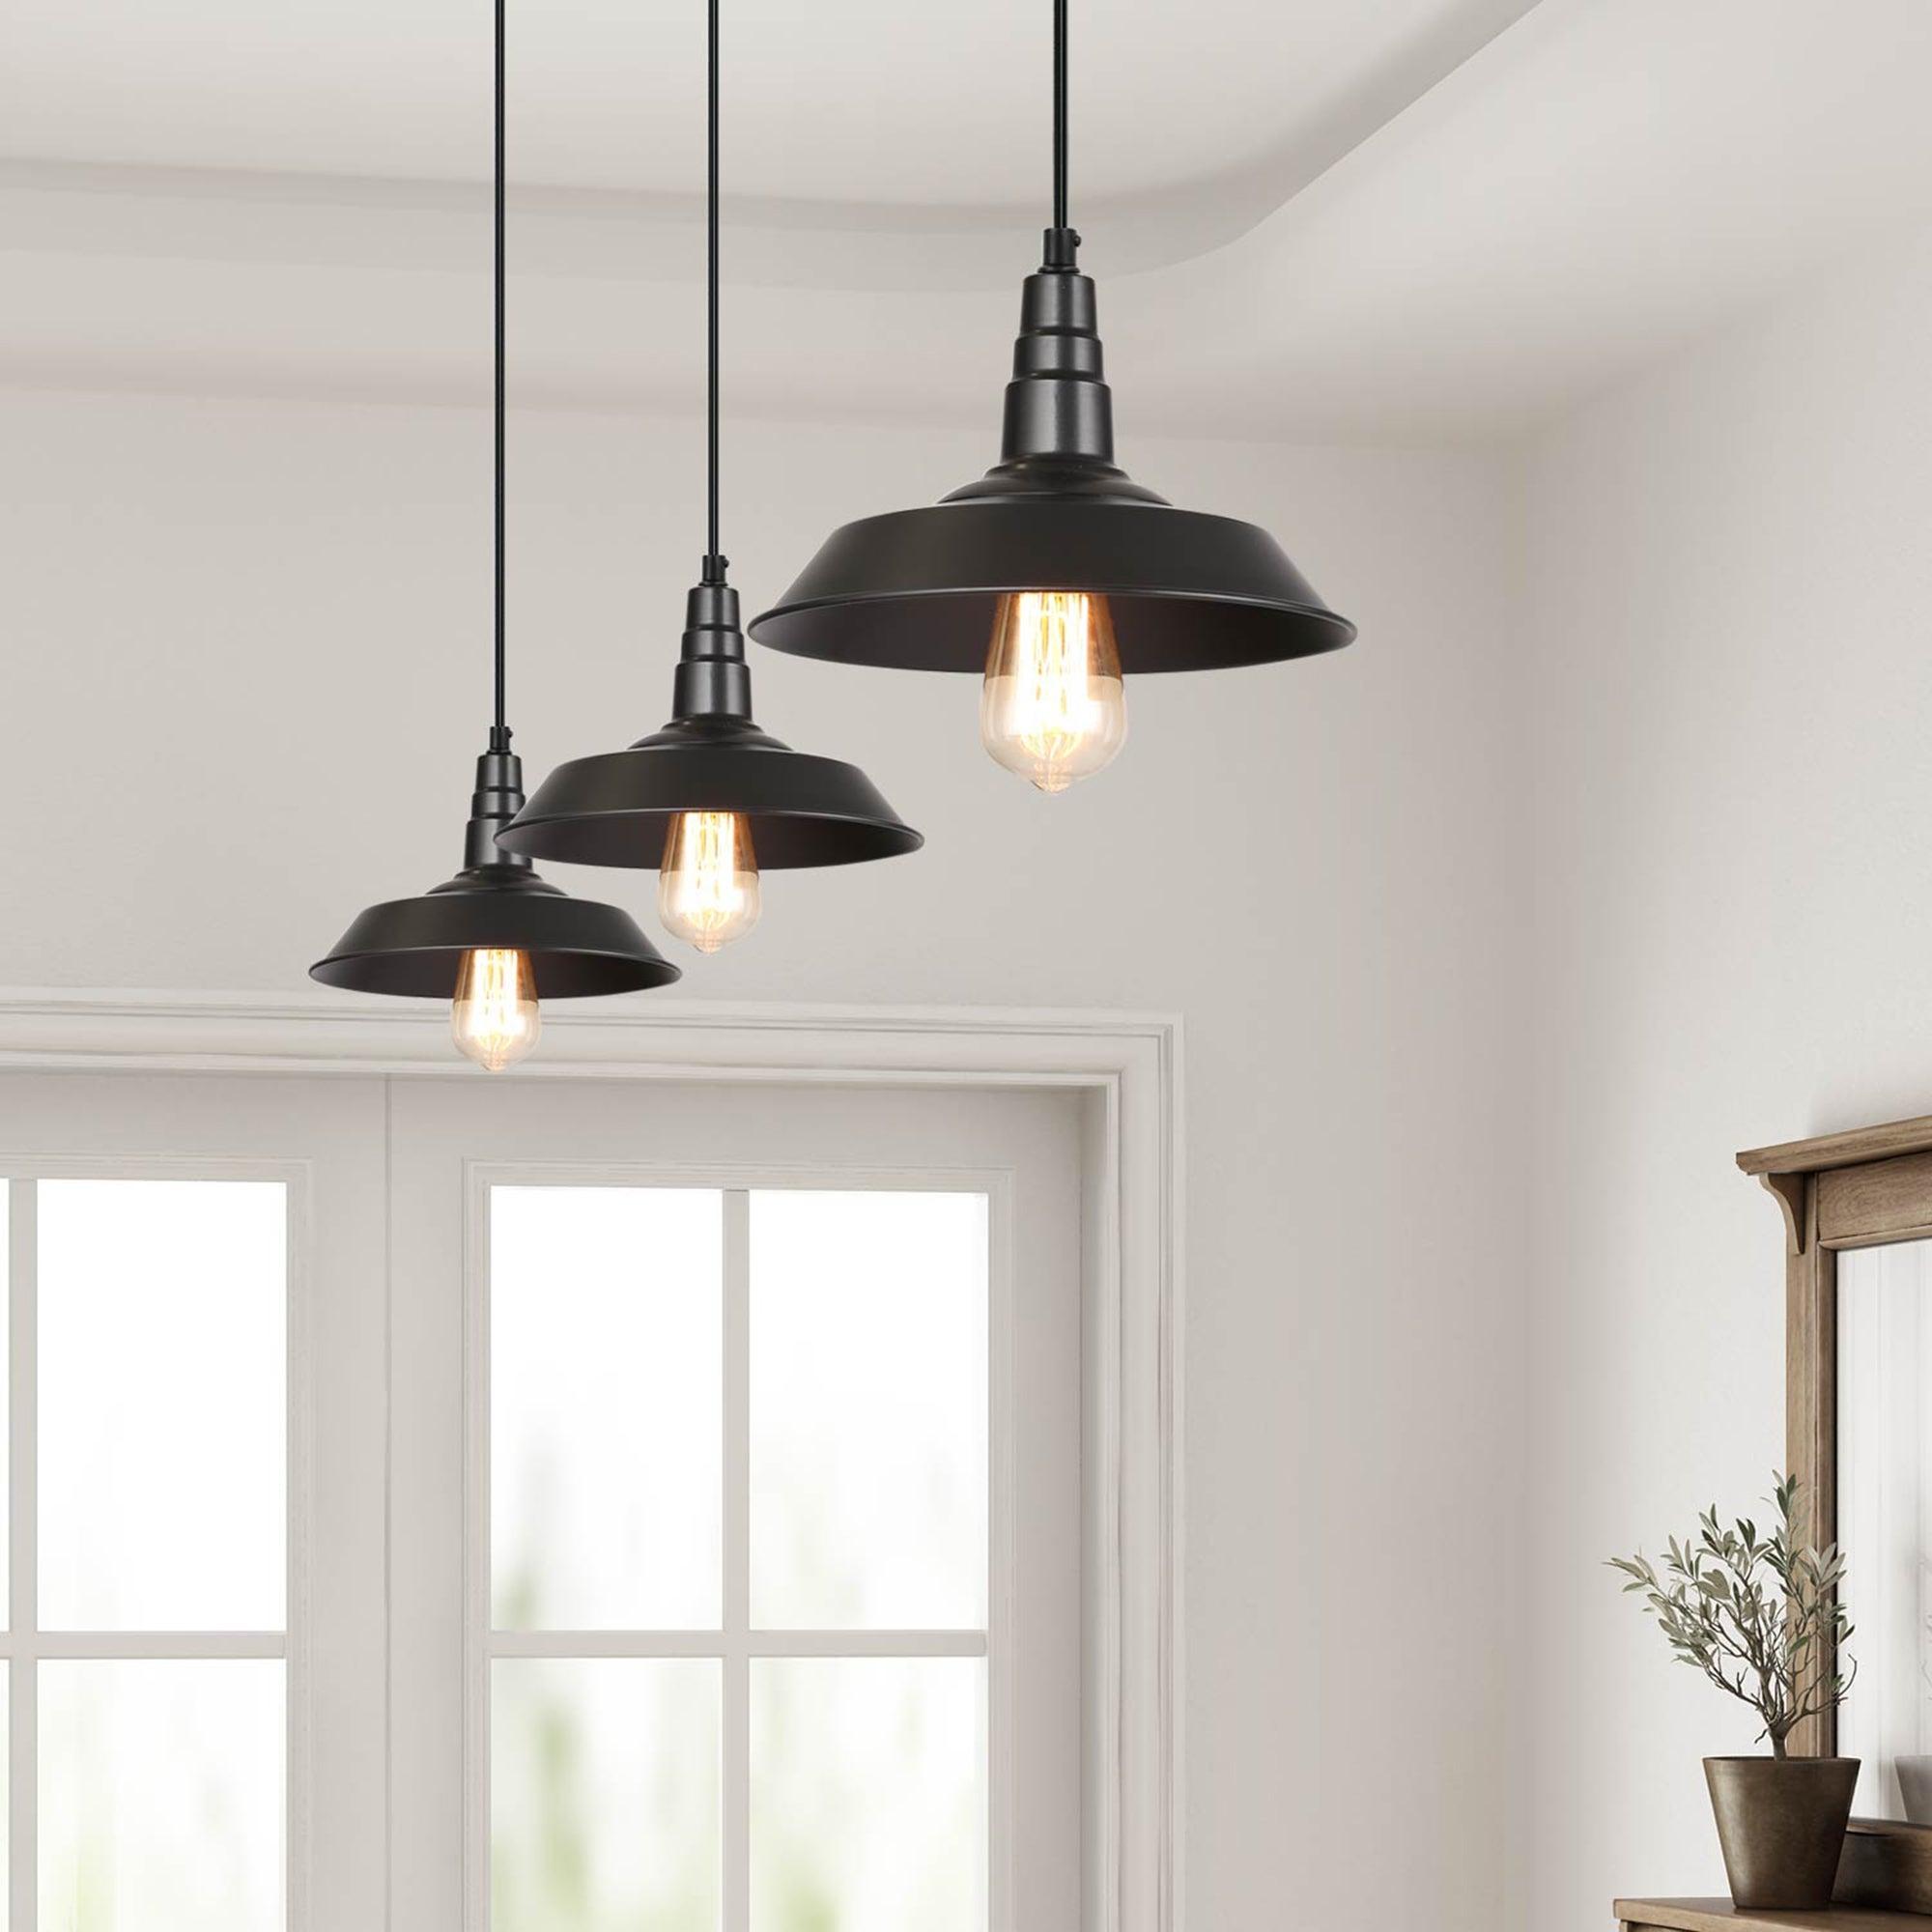 Modern Farmhouse 3 Pack Black Barn Pendant Lighting Warehouse Ceiling Lighting D10 2 X 6 5 On Sale Overstock 27744459